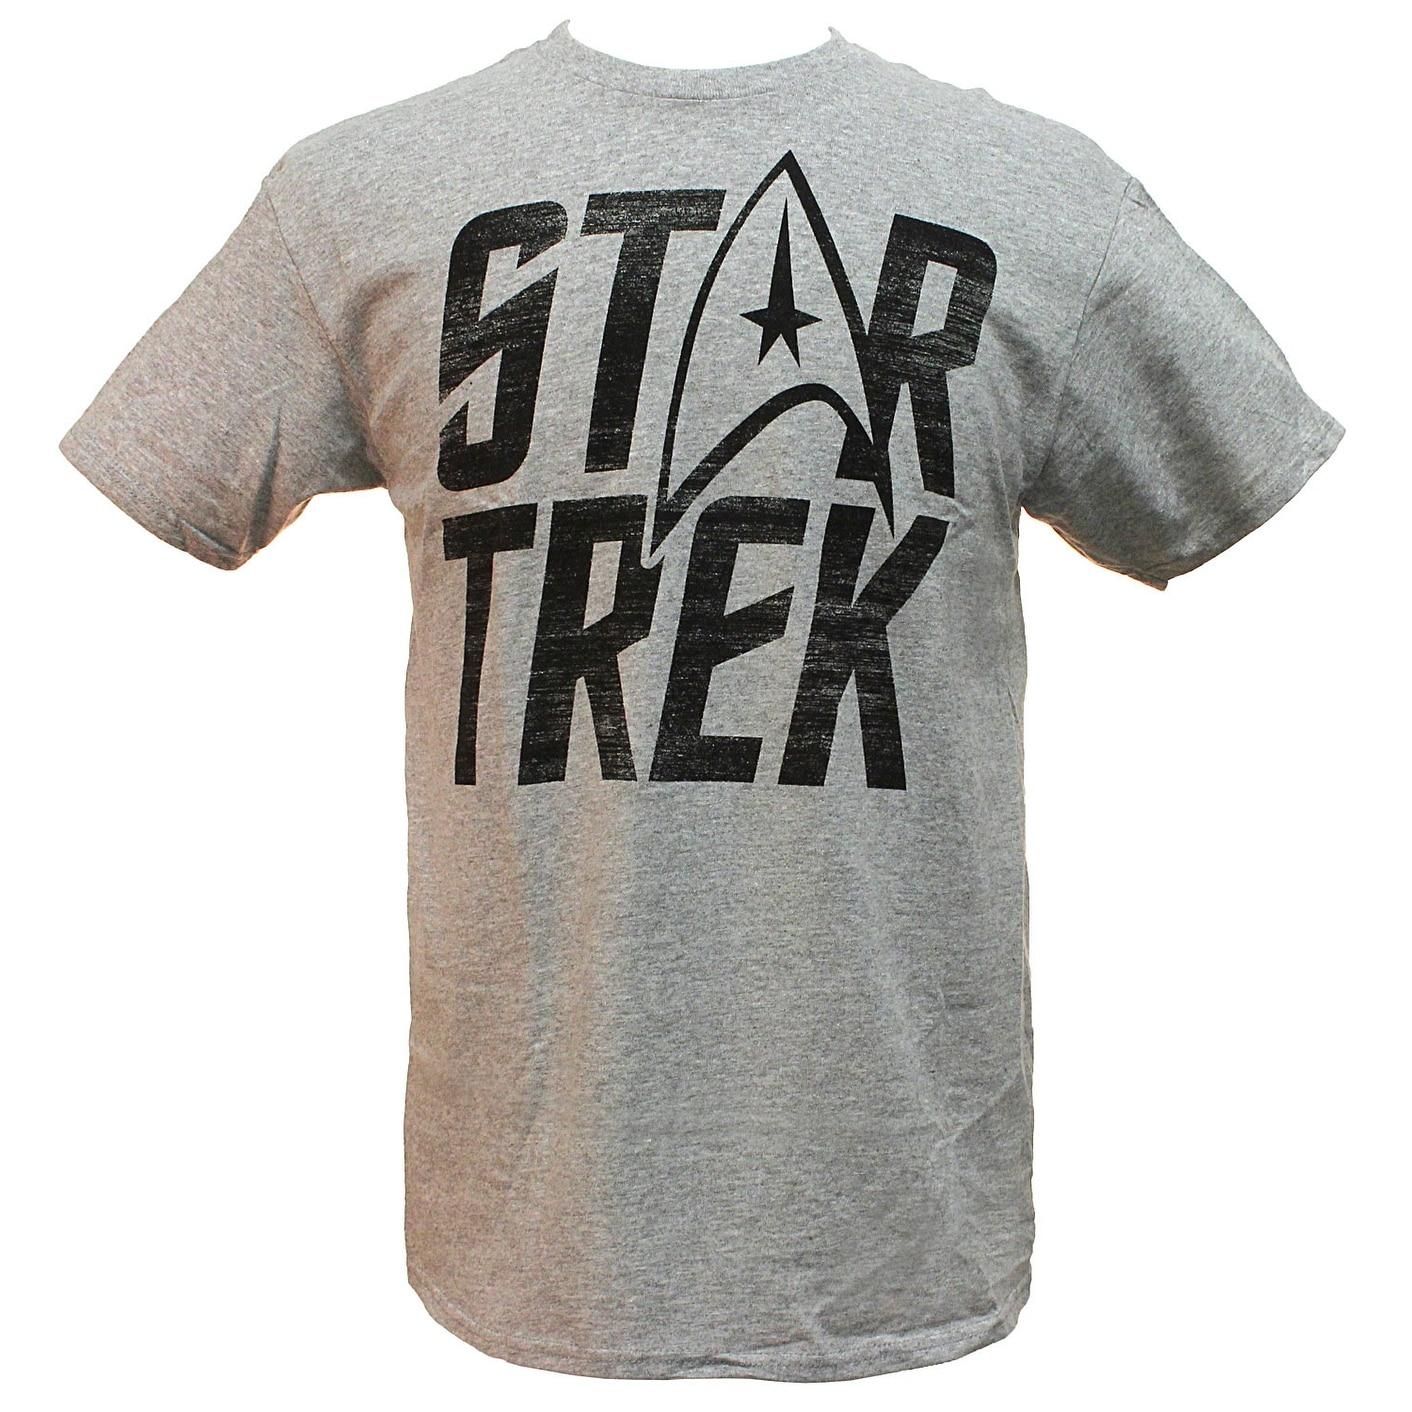 Hybrid mens star trek logo t shirt free shipping on orders over hybrid mens star trek logo t shirt free shipping on orders over 45 overstock 24552576 buycottarizona